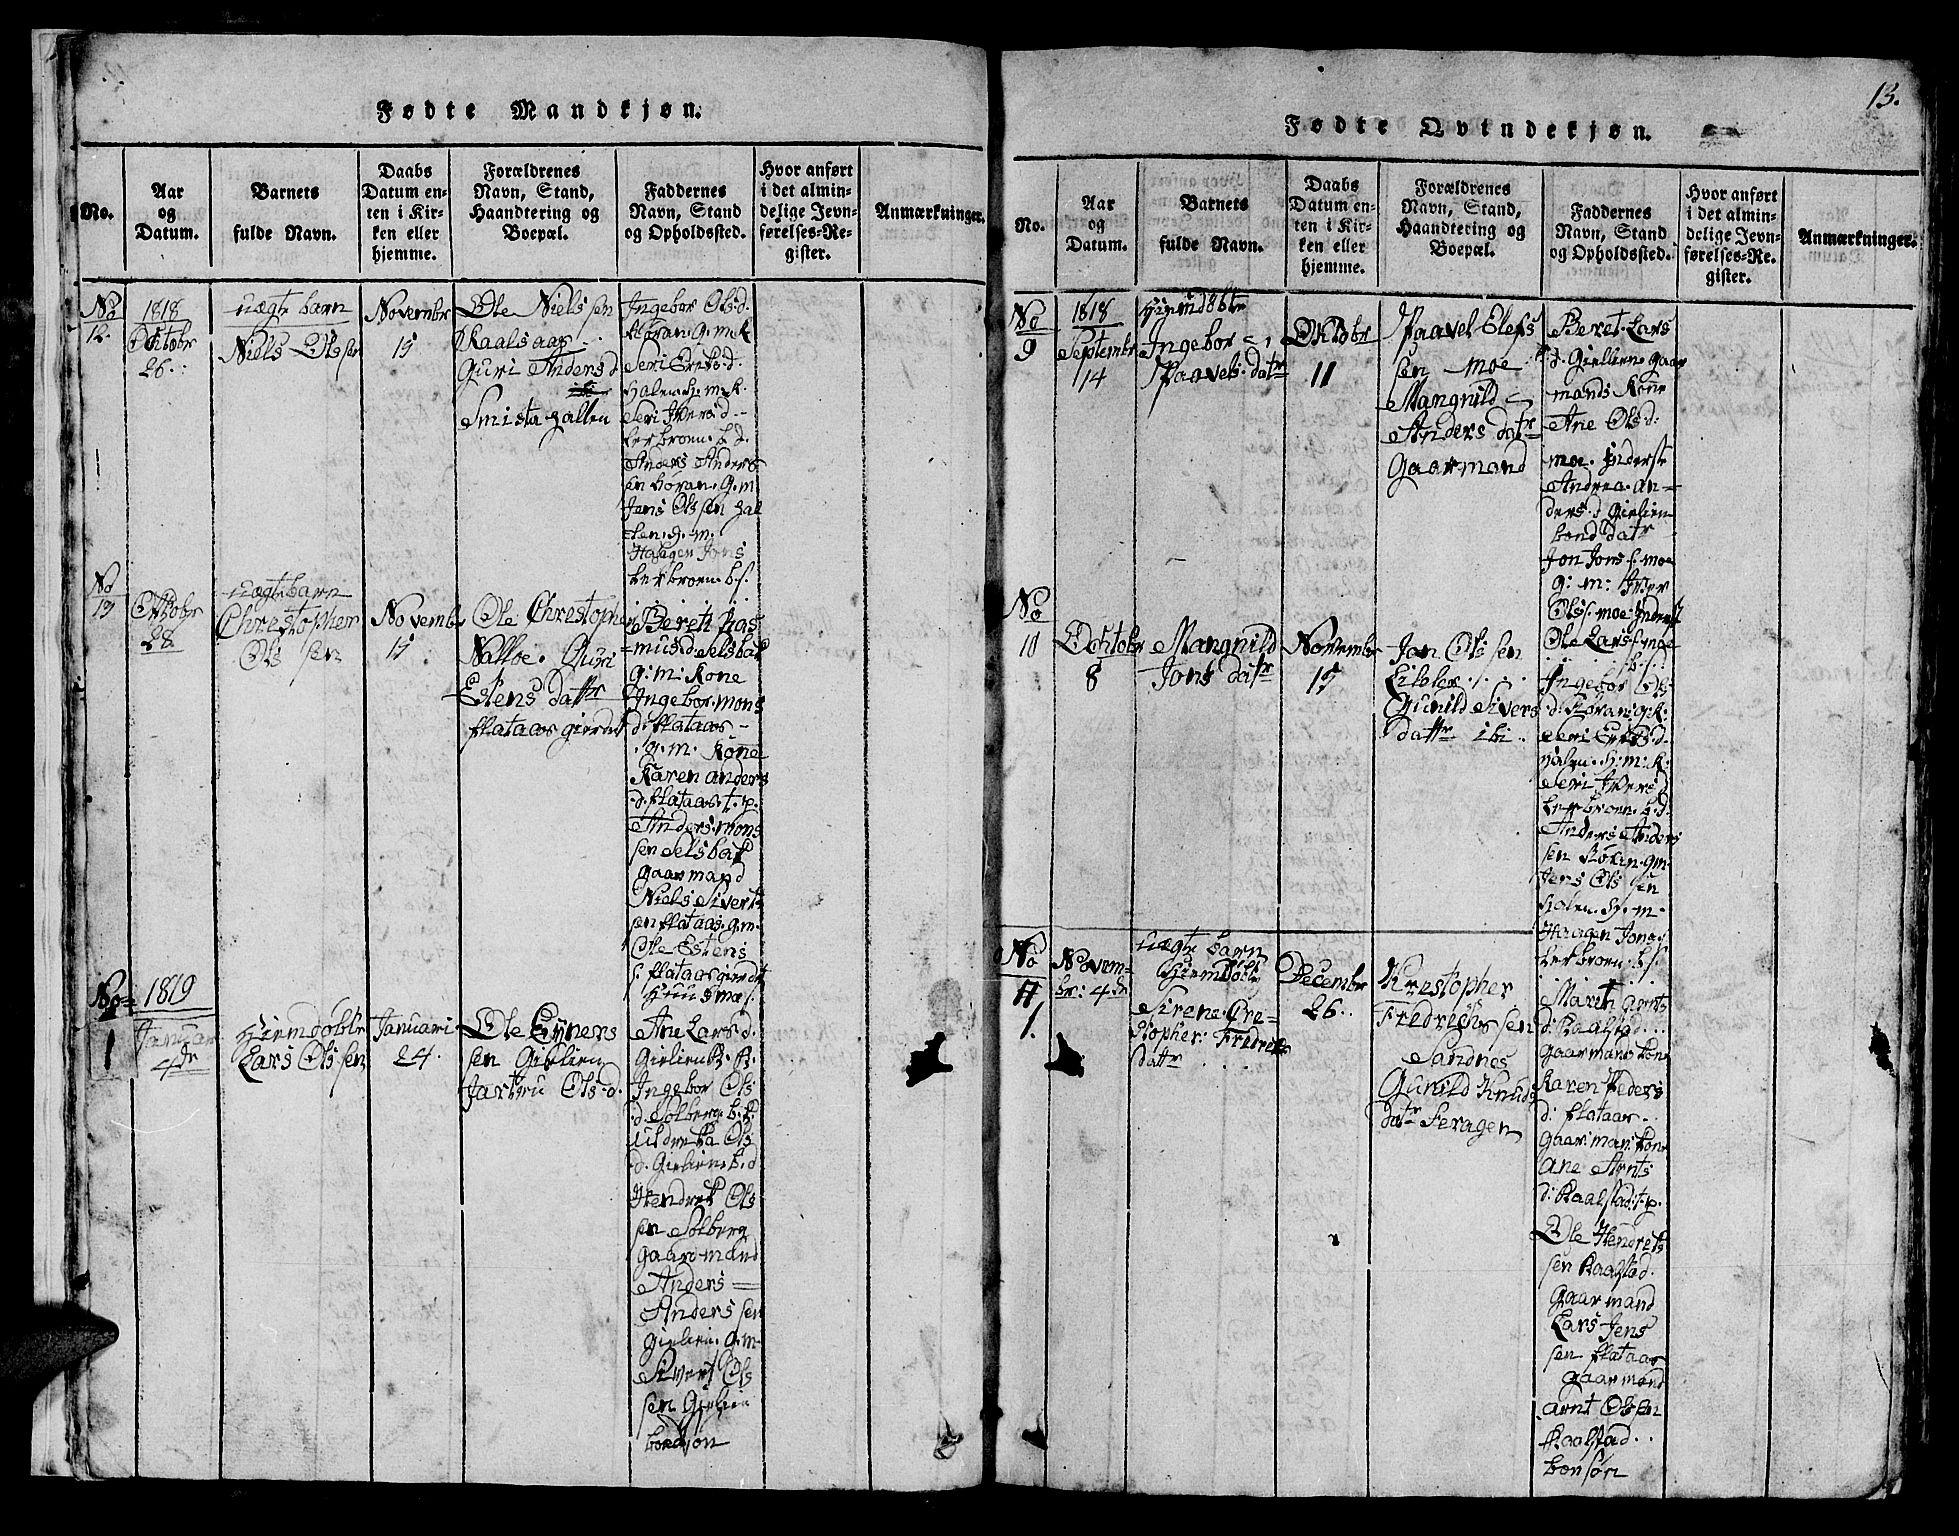 SAT, Ministerialprotokoller, klokkerbøker og fødselsregistre - Sør-Trøndelag, 613/L0393: Klokkerbok nr. 613C01, 1816-1886, s. 13